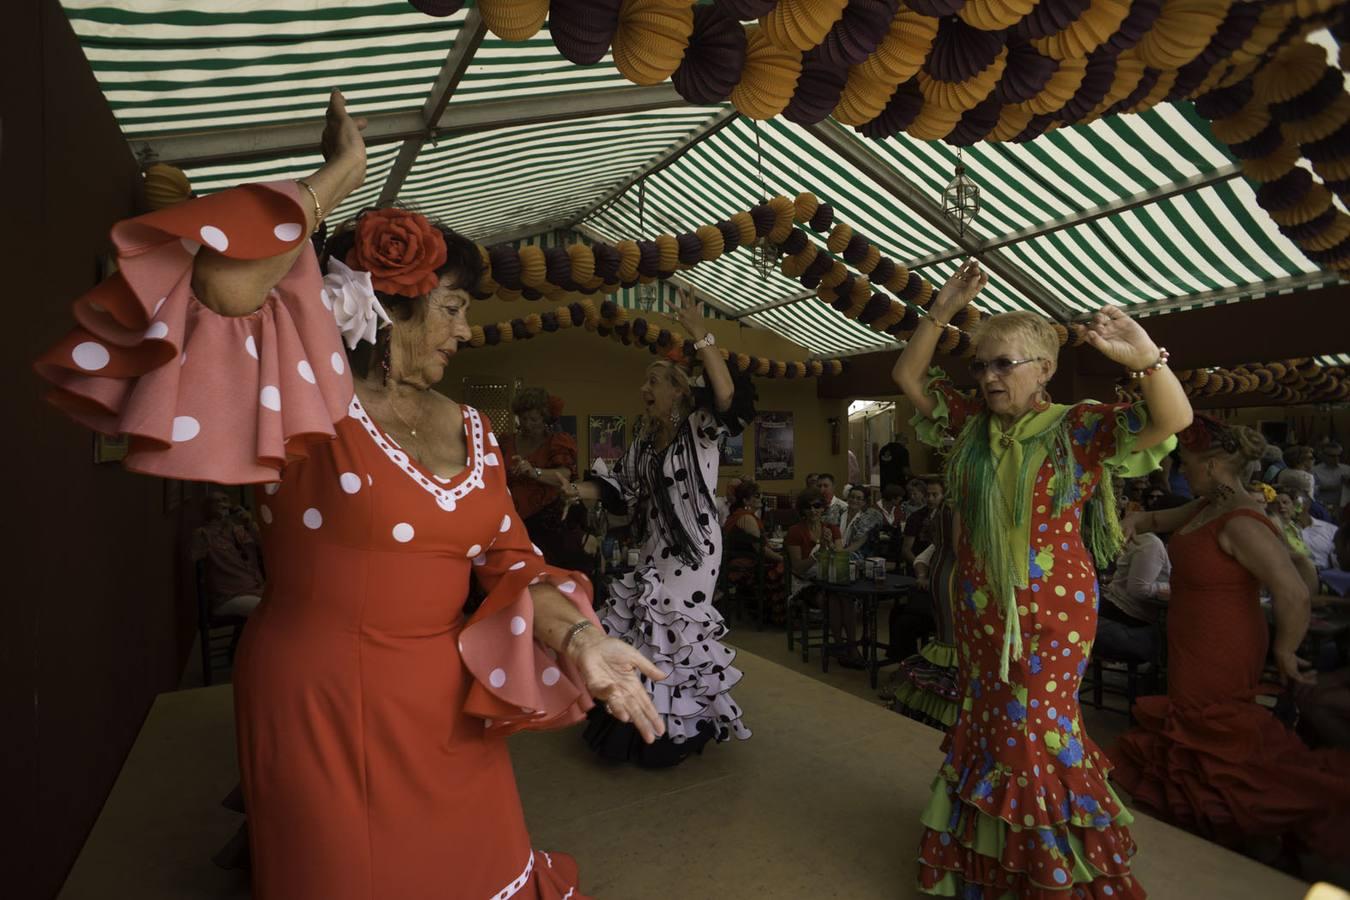 Tercera jornada en la Feria de Mayo de Torrevieja